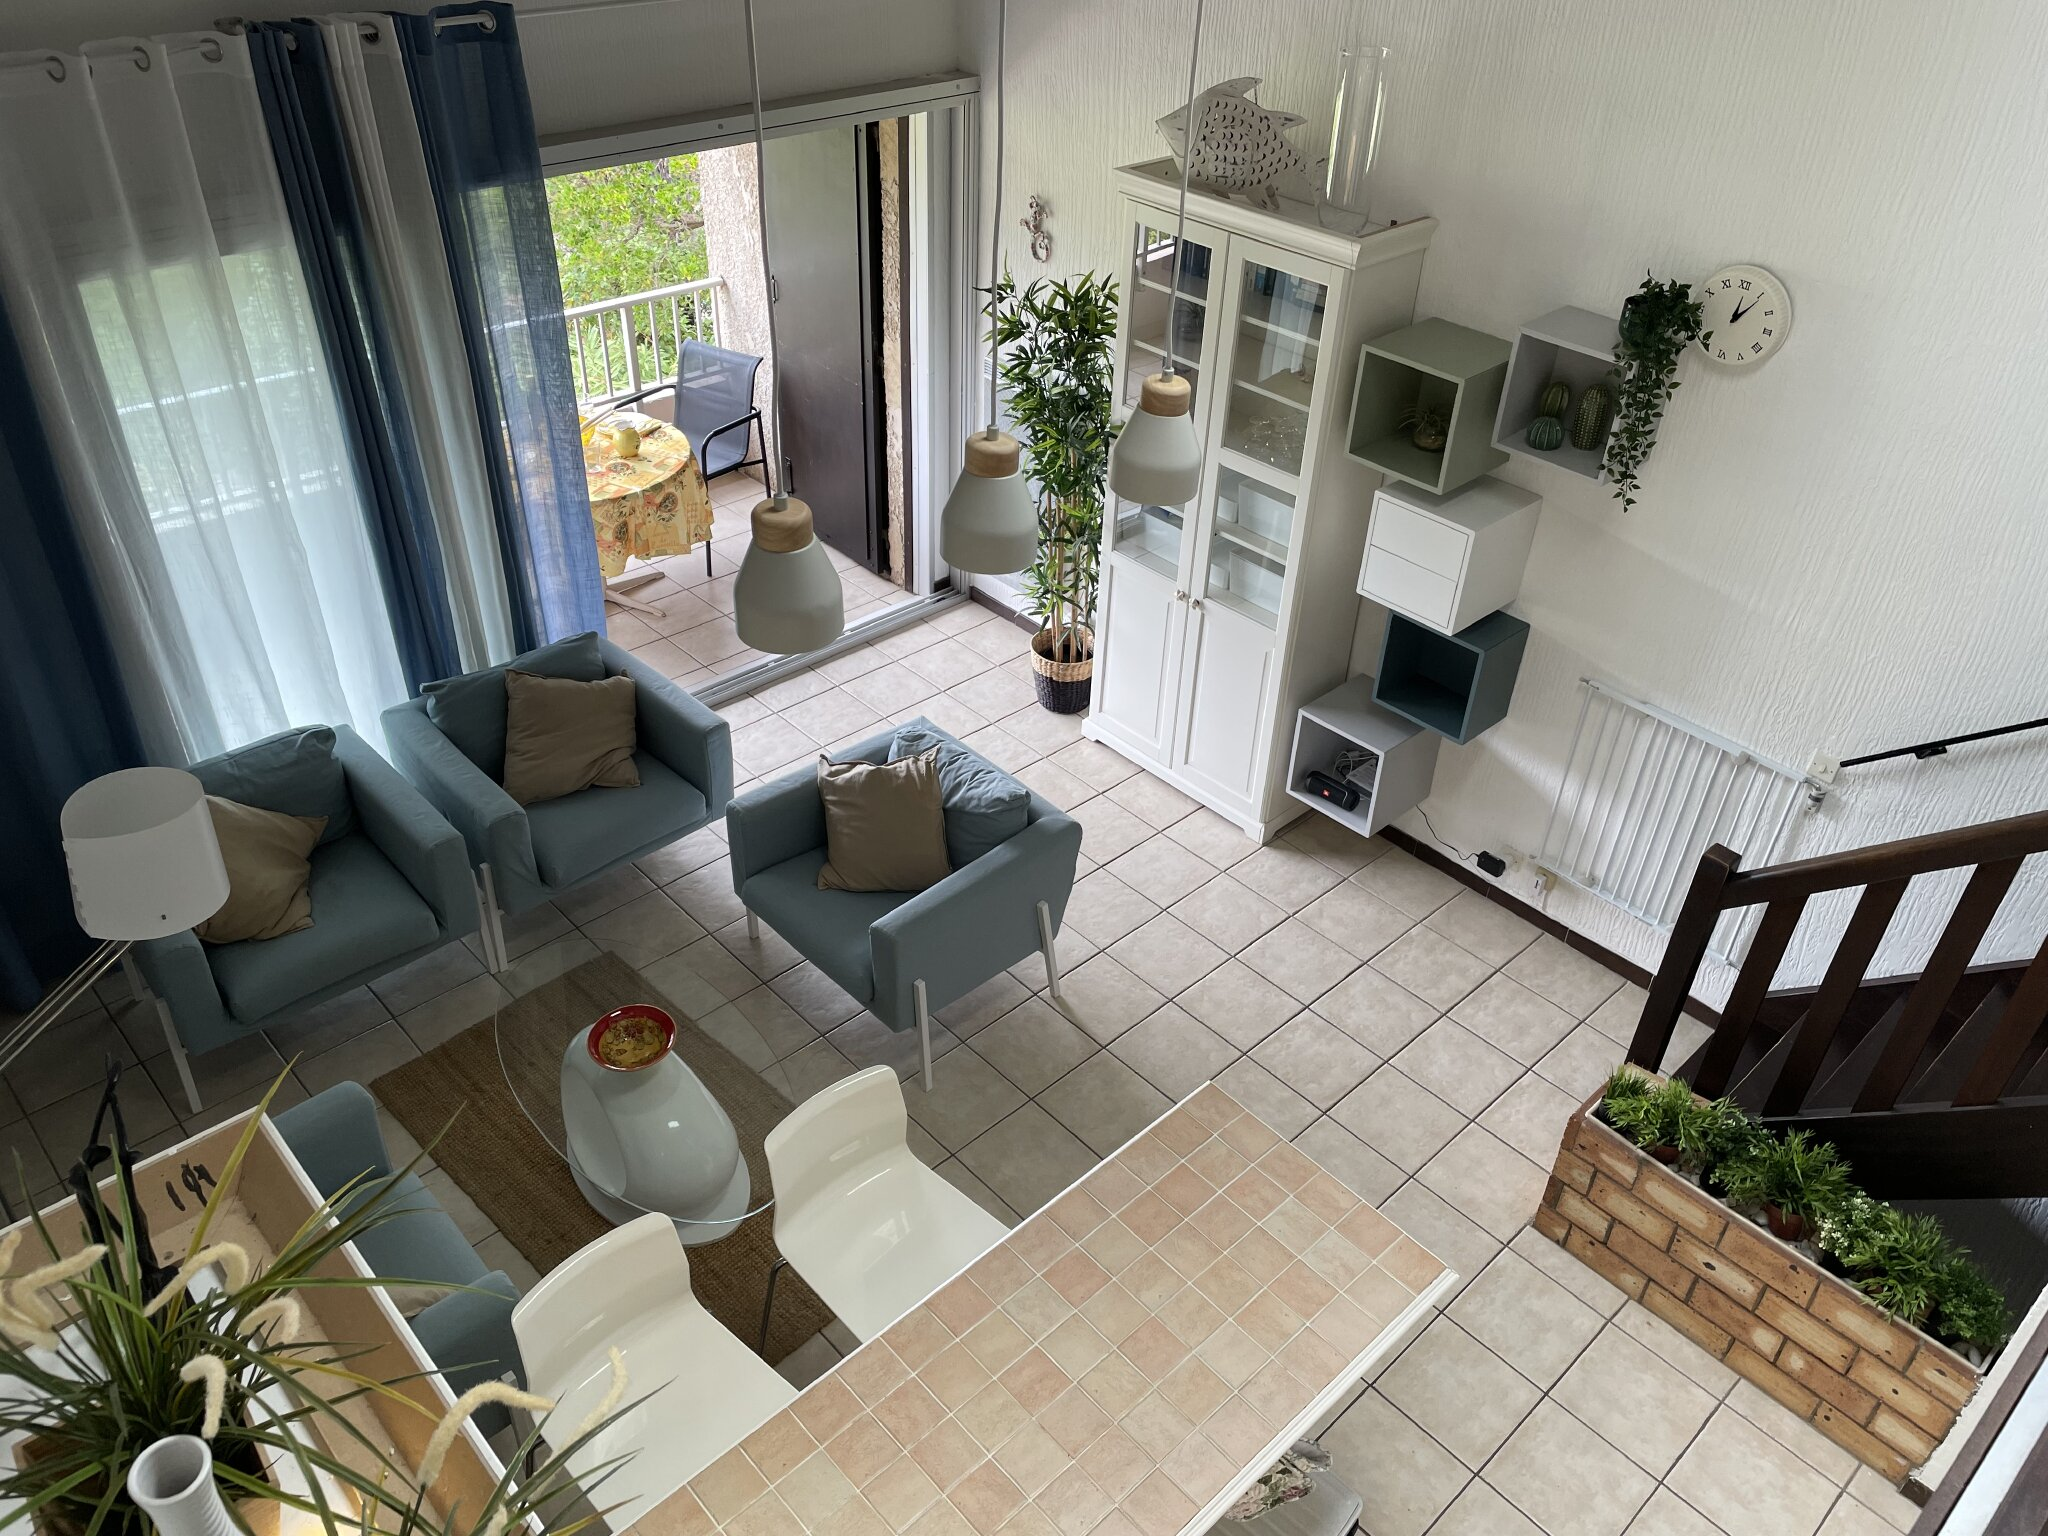 Wohnzimmer angrenzend Balkon